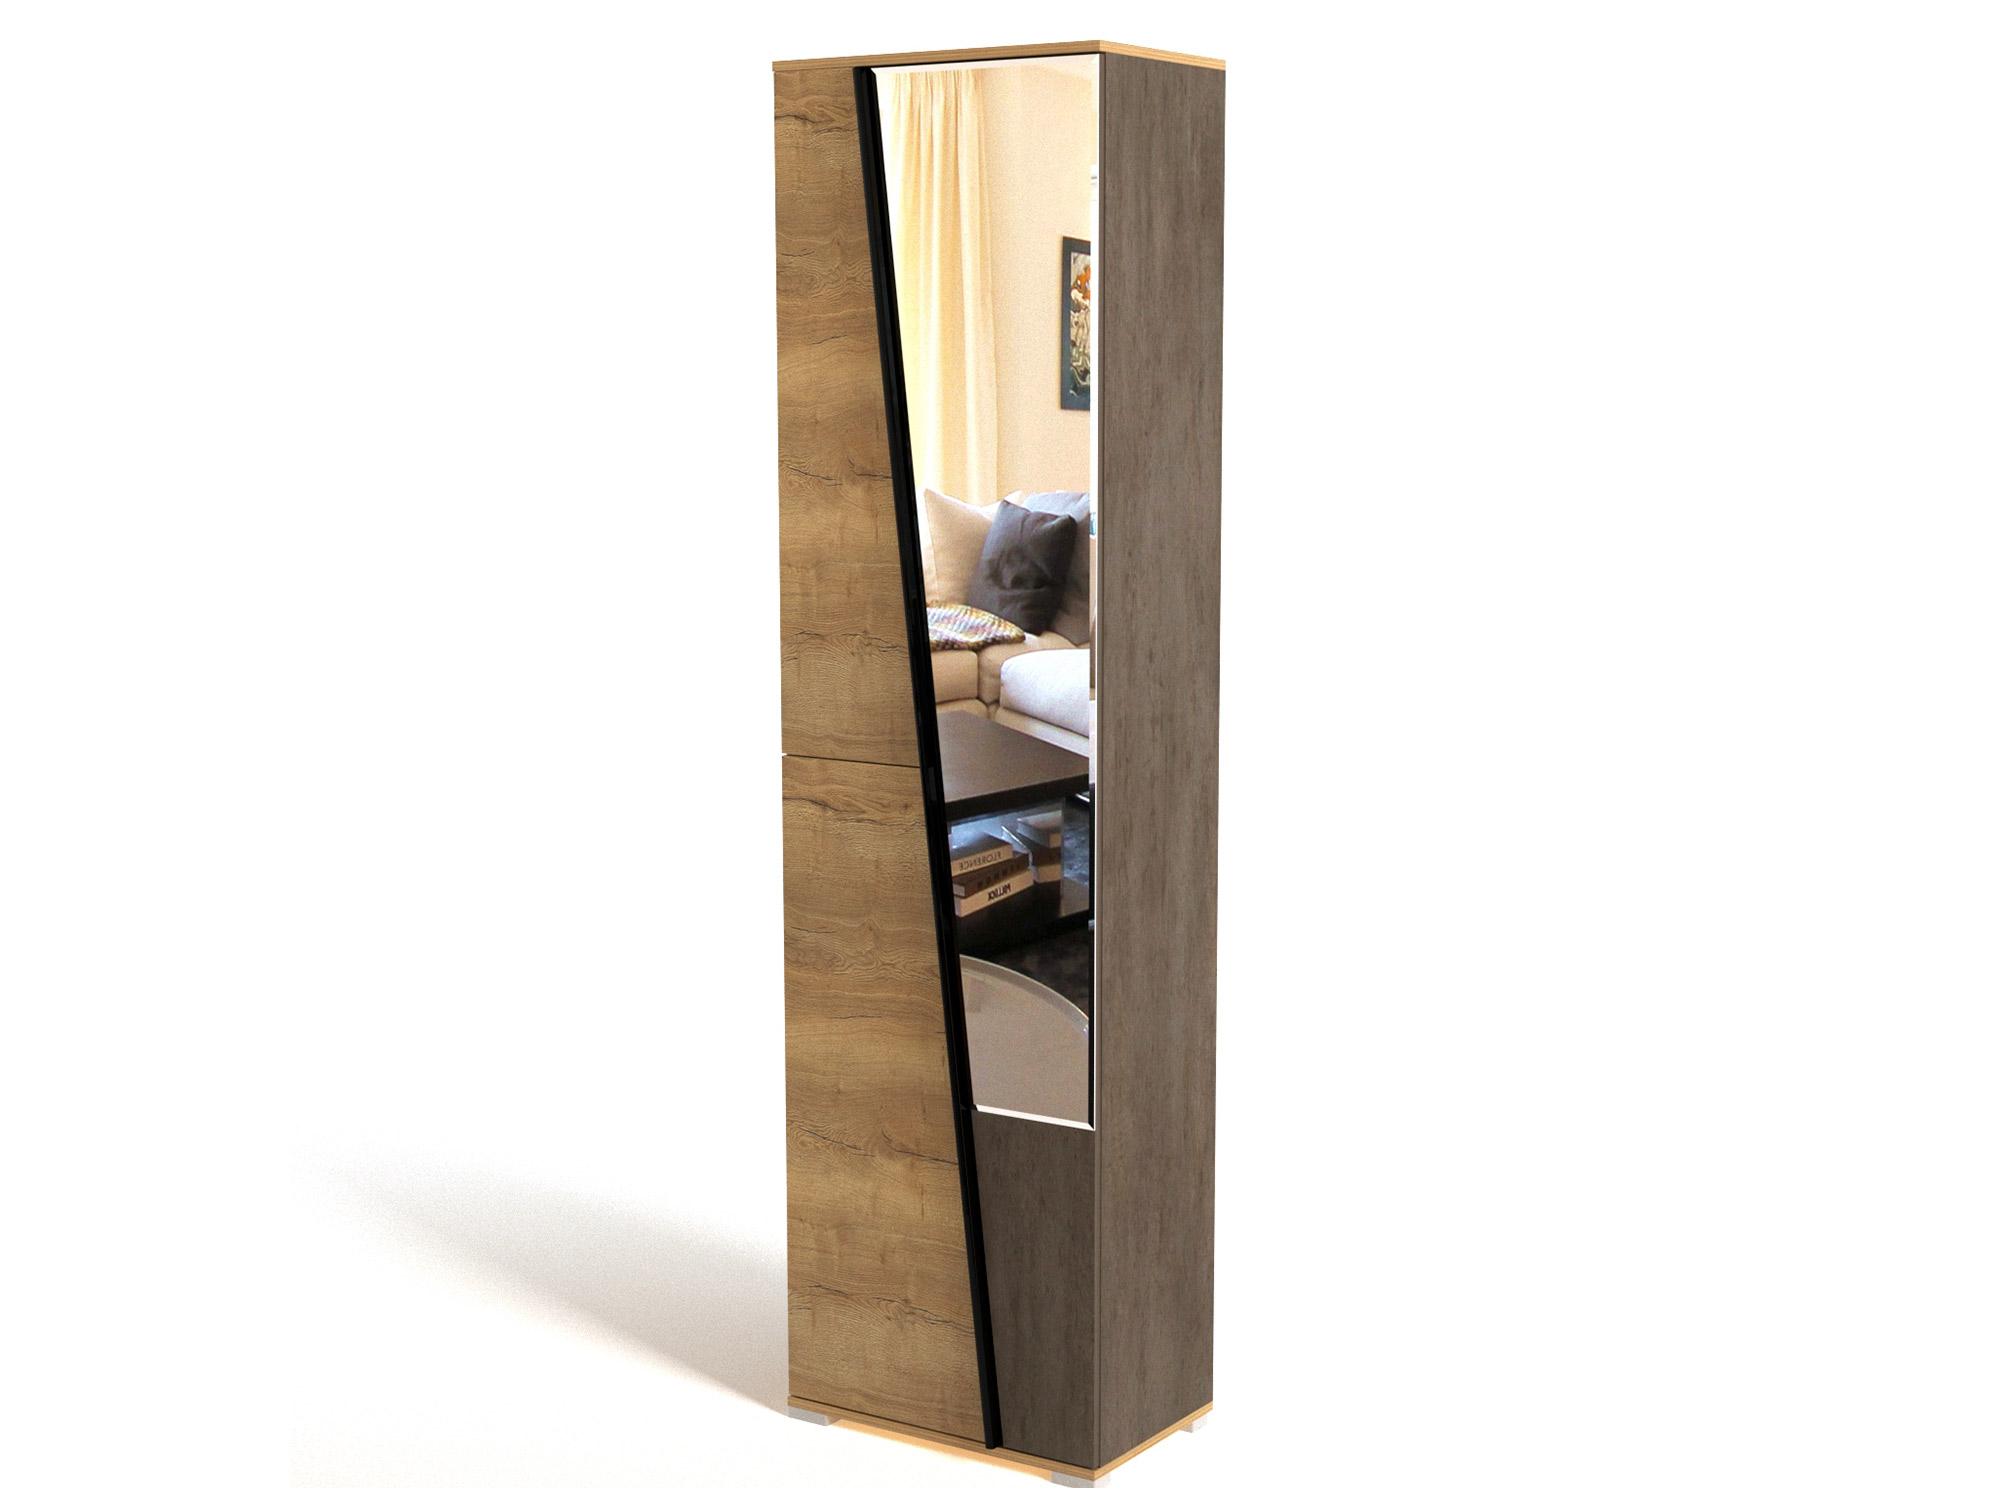 Фото - Шкаф для одежды с зеркалом Стреза Дуб Галифакс натуральный, Бетон шкаф однодверный стреза дуб галифакс натуральный бетон чикаго